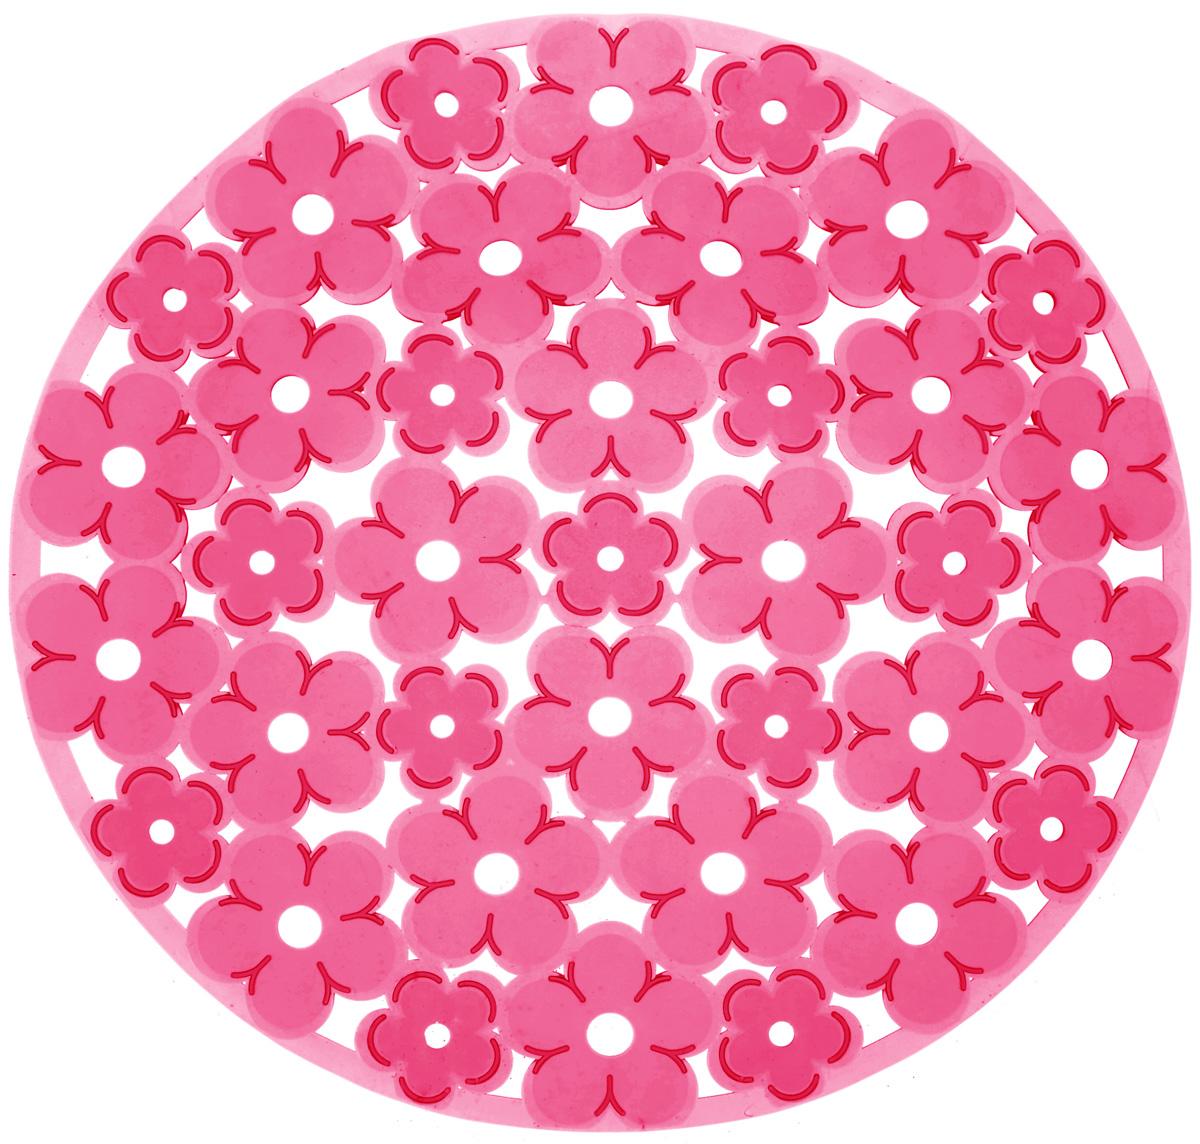 Коврик для раковины Metaltex, цвет: красный, диаметр 30 см54 009312Стильный и удобный коврик для раковины Metaltex выполнен из ПВХ. Он одновременно выполняет несколько функций: украшает, предотвращает появление на раковине царапин и сколов, защищает посуду от повреждений при падении в раковину, удерживает мусор, попадание которого в слив приводит к засорам. Изделие также обладает противоскользящим эффектом и может использоваться в качестве подставки для сушки чистой посуды. Легко очищается от грязи и жира.Диаметр: 30 см.